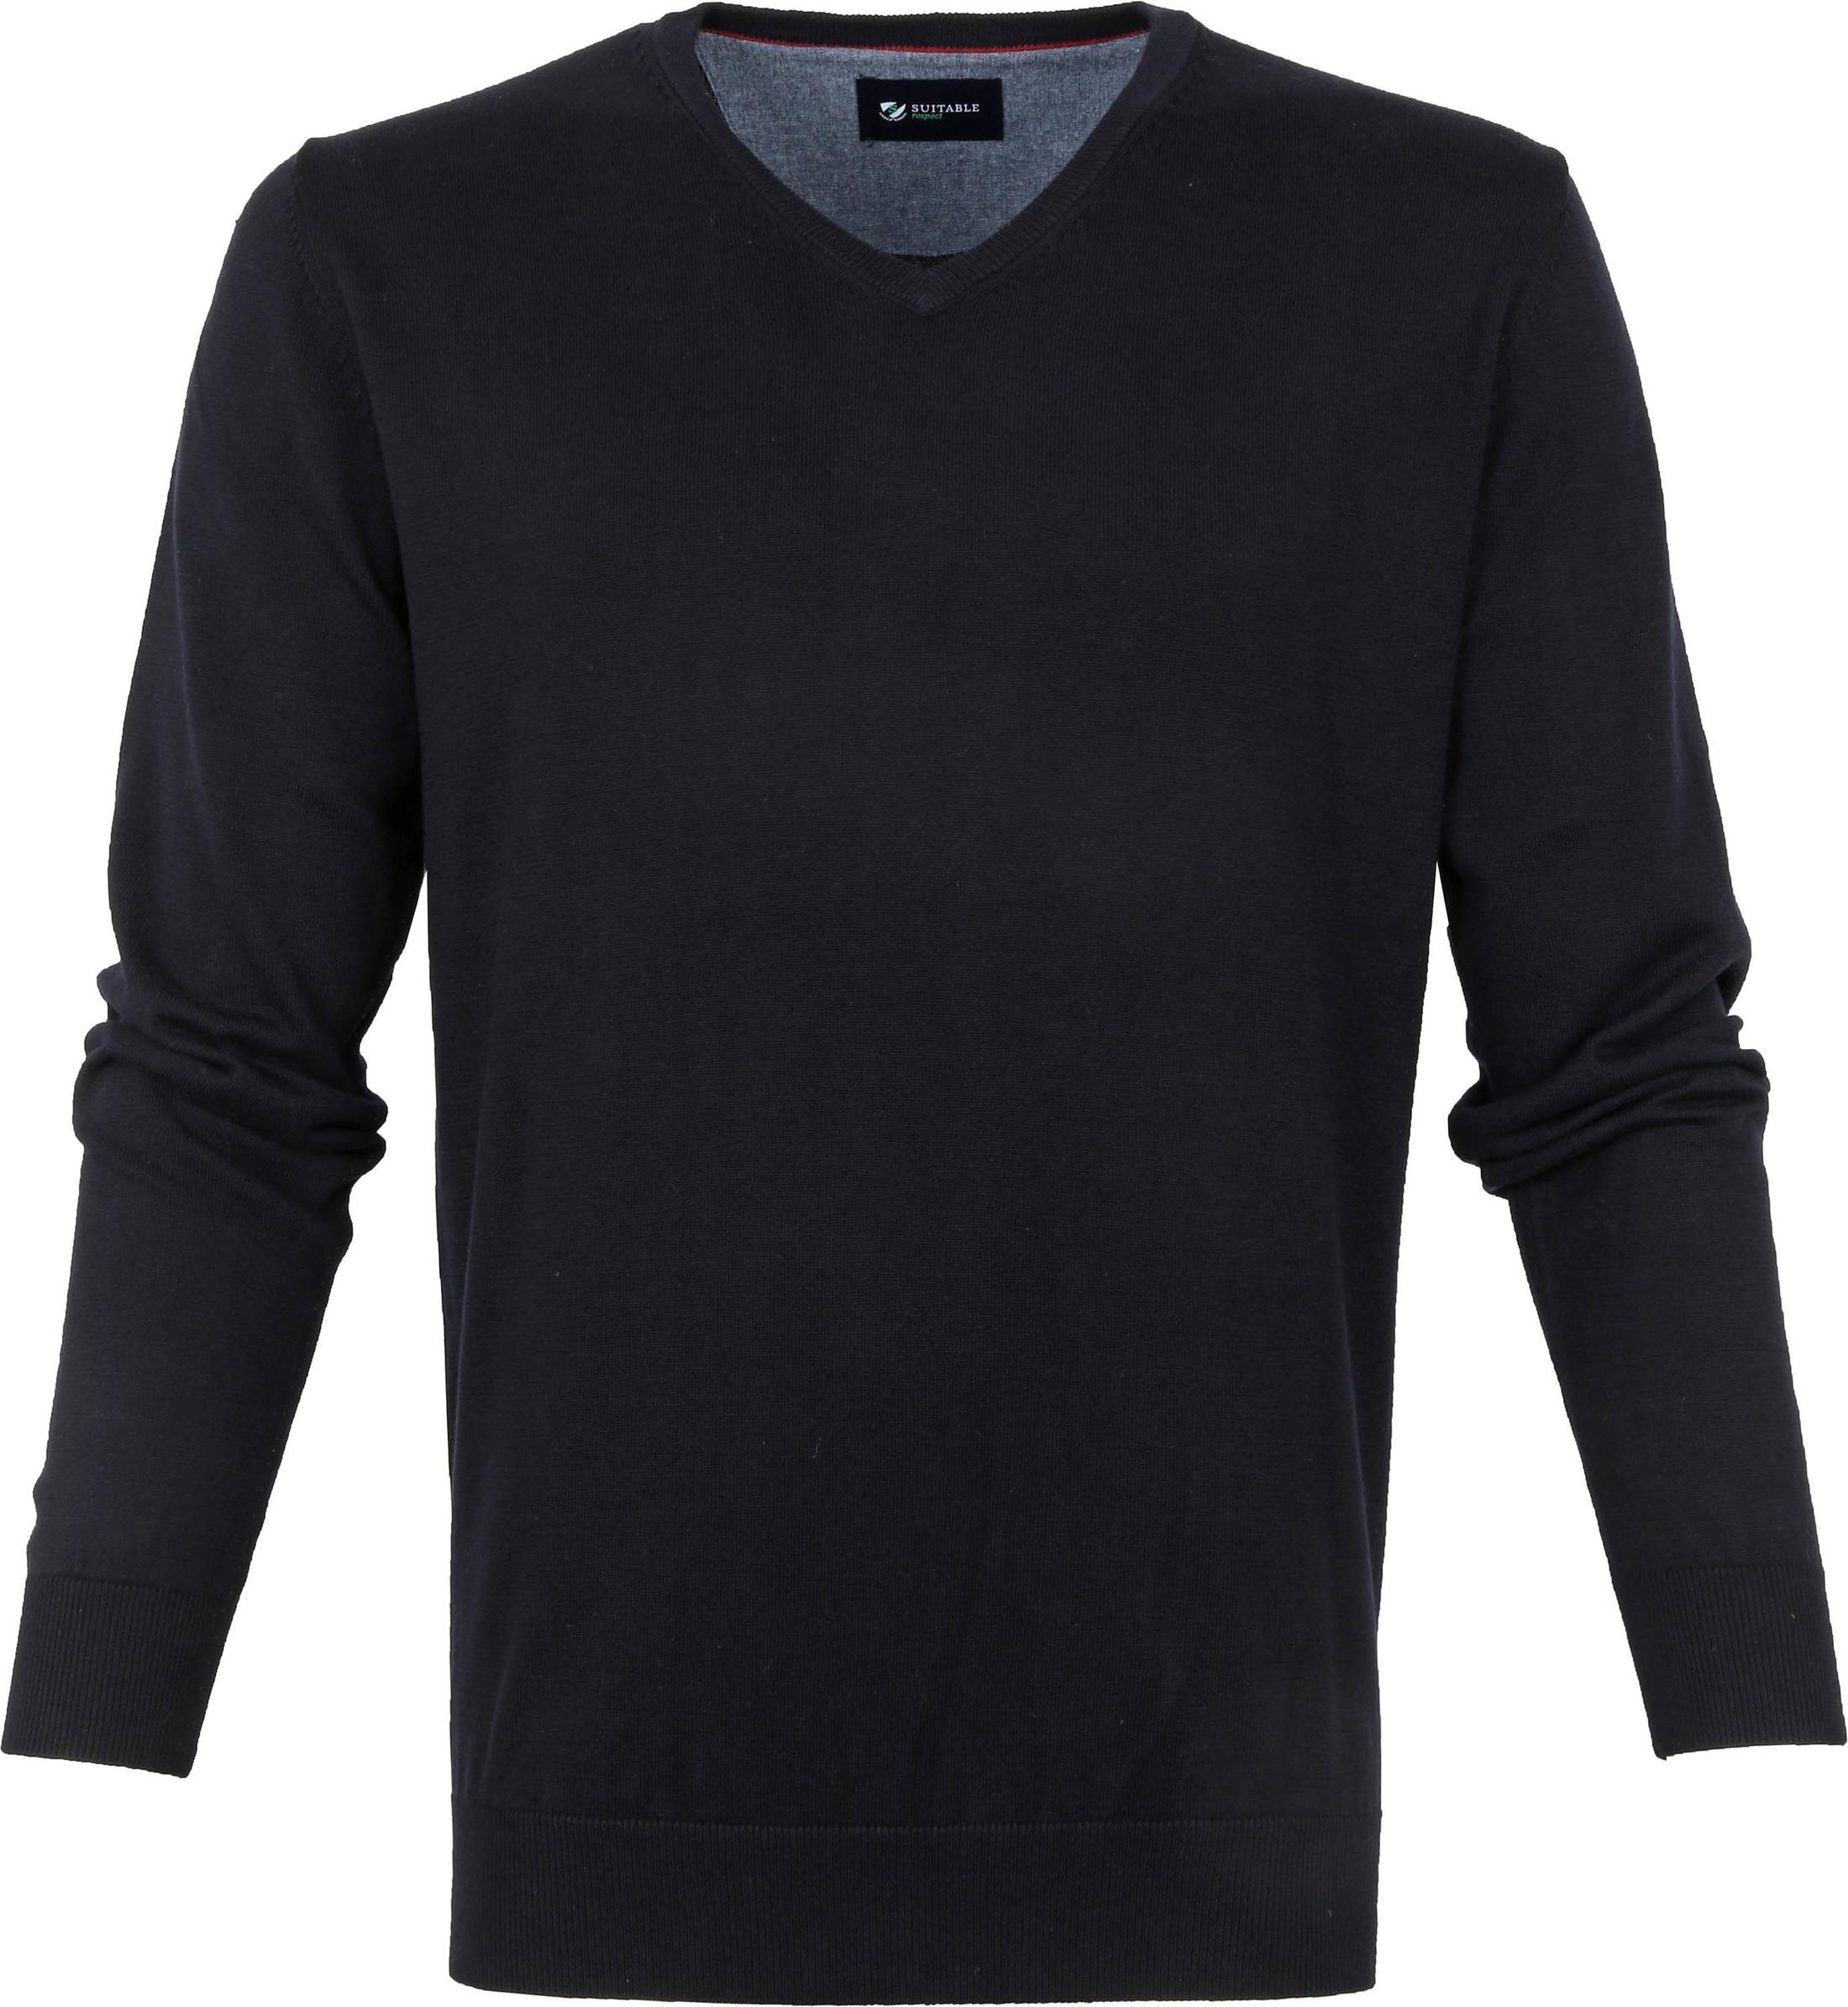 Suitable Baumwolle Vini Pullover V-Ausschnitt Dunkelblau